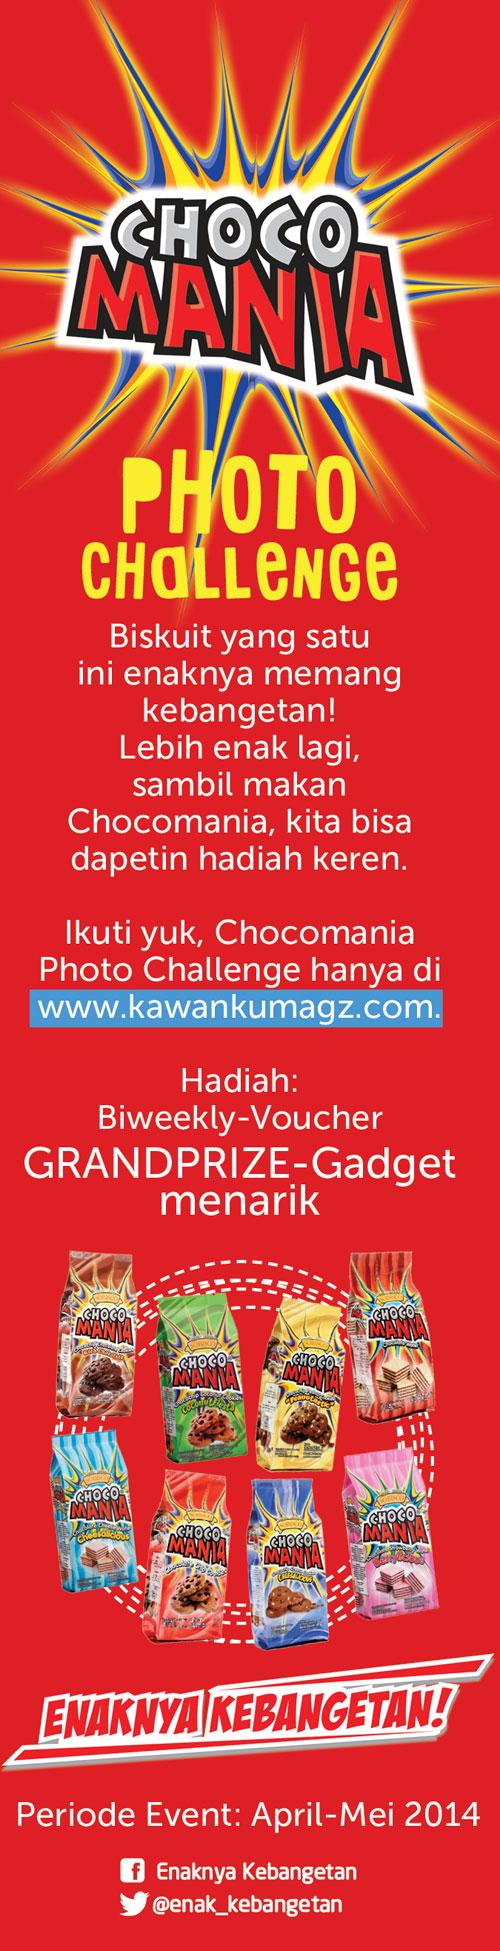 Chocomania Photo Challenge